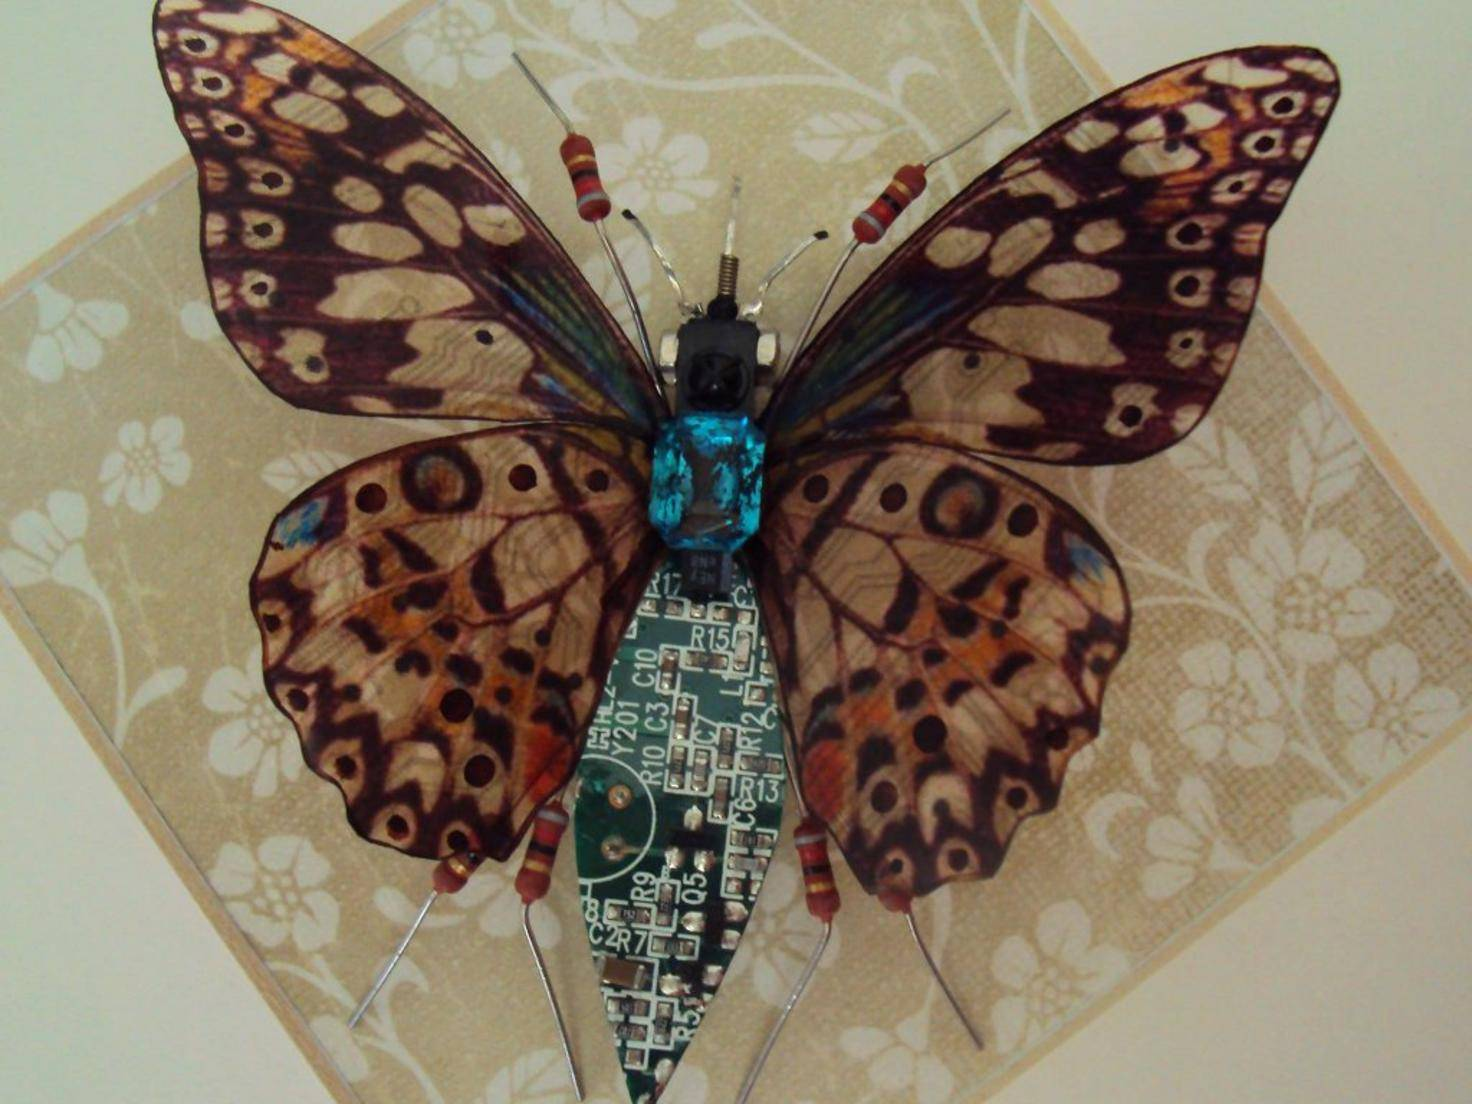 Eine der Kreationen von Julie Alice Chappell.